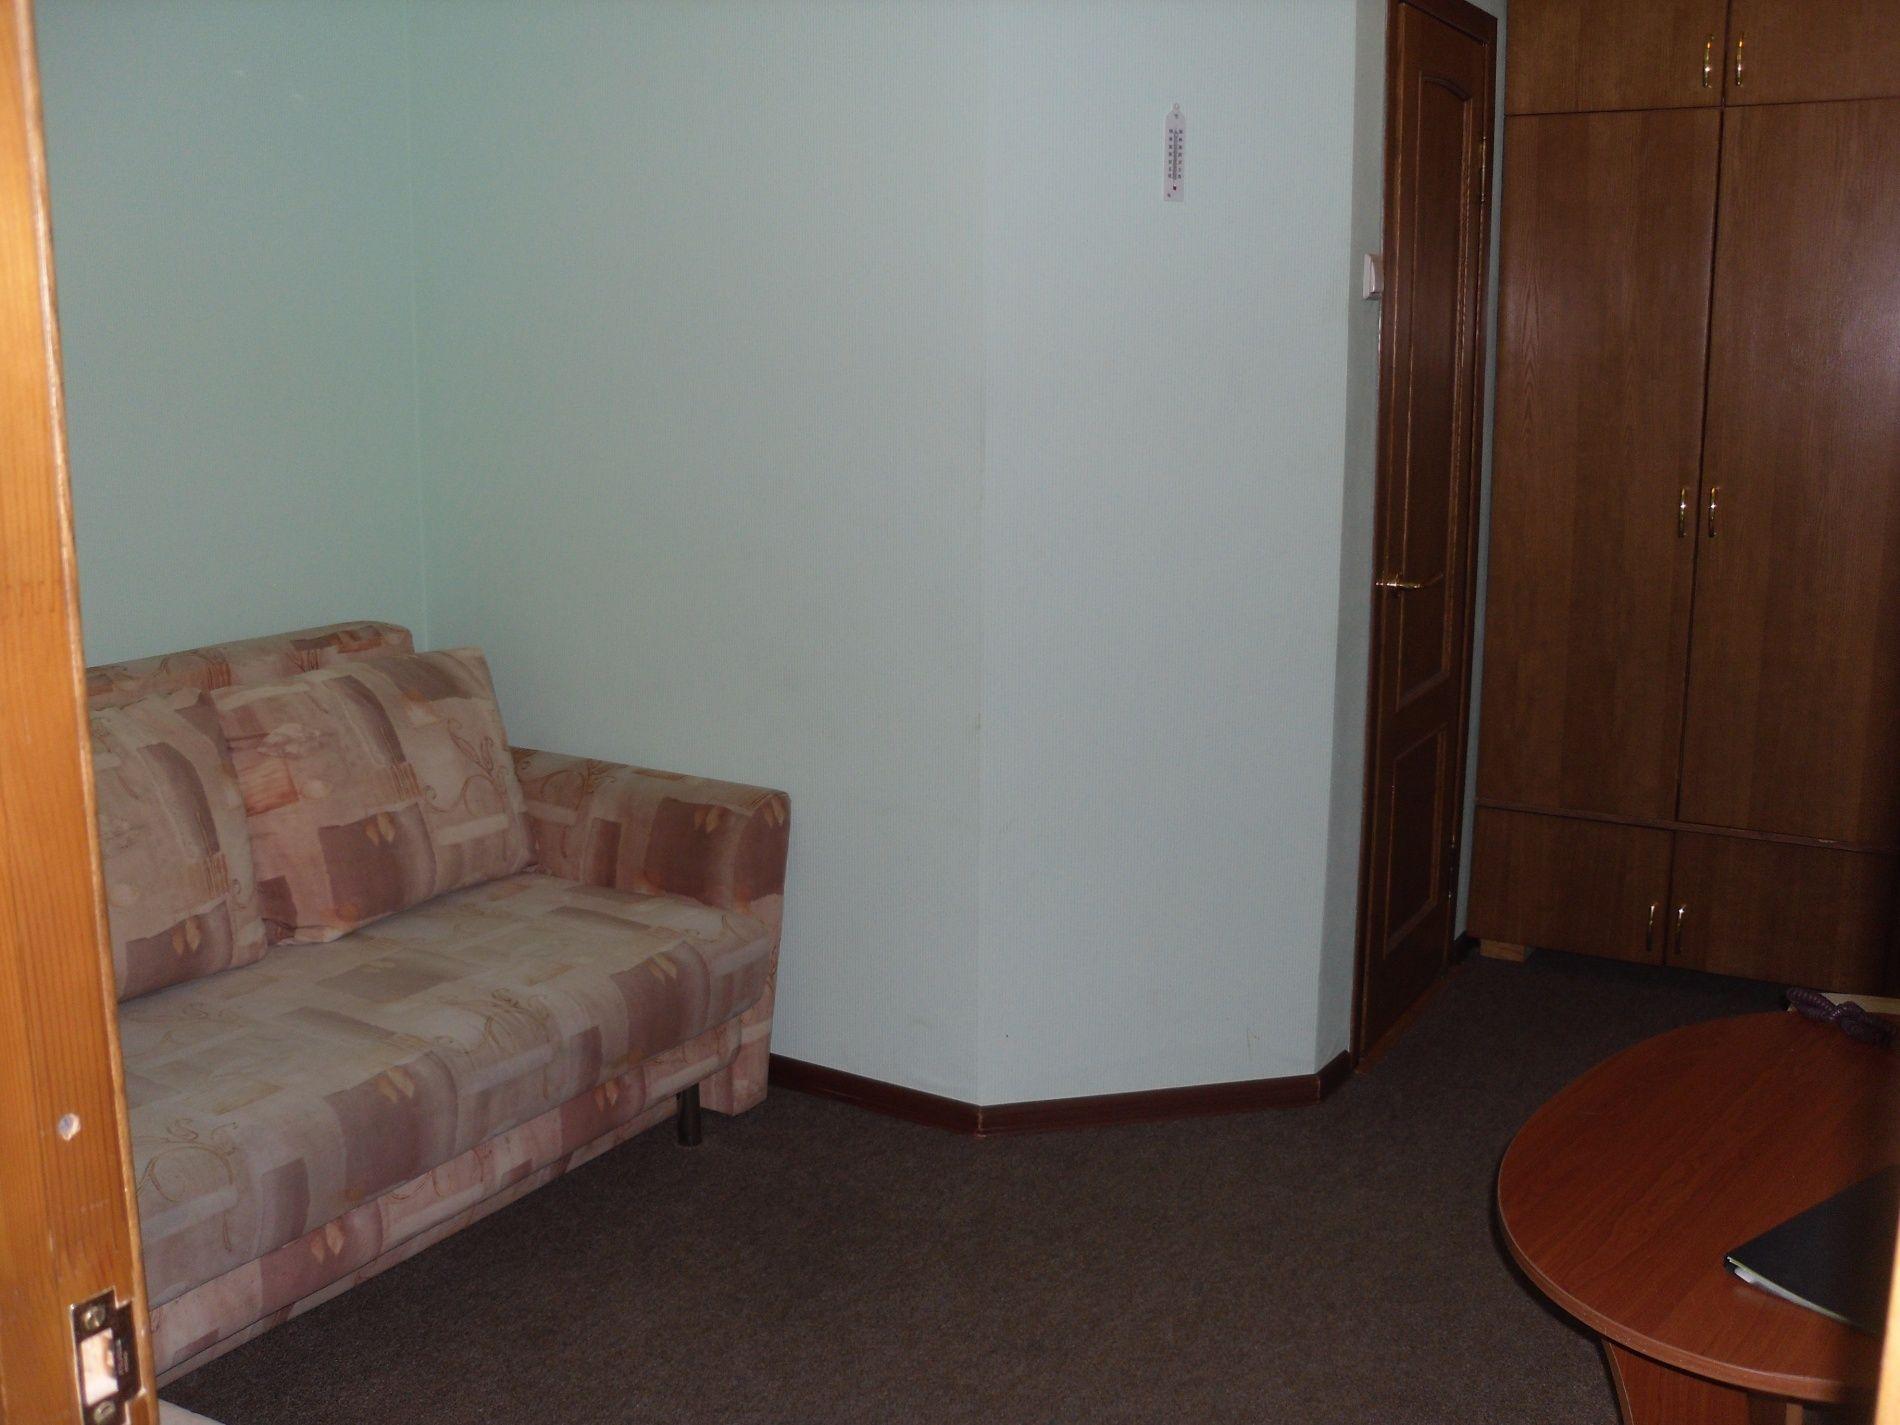 Туристический комплекс «Мирная Пристань» Ивановская область 2-комнатный номер 1 категории (№ 8, 9), фото 8